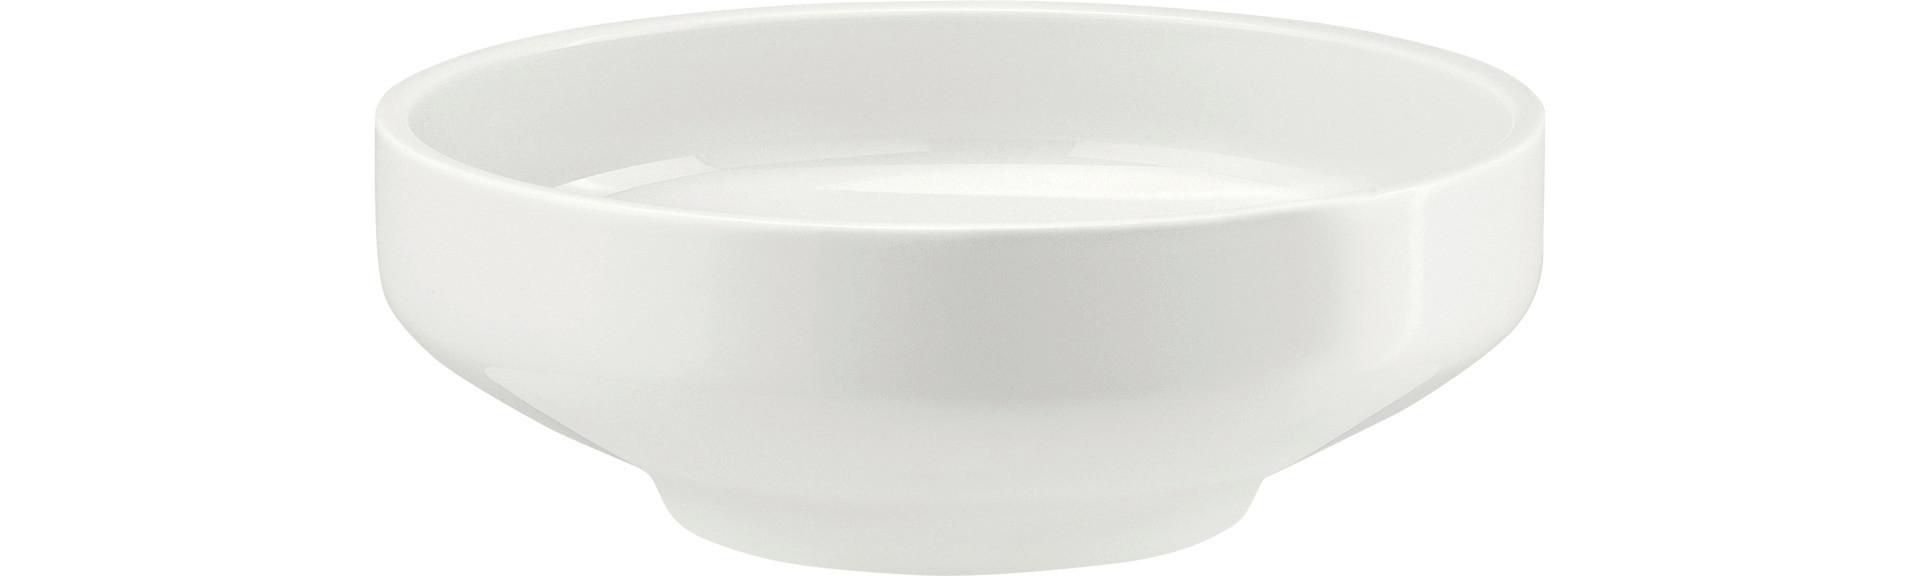 Shiro, Bowl ø 220 mm / 1,48 l